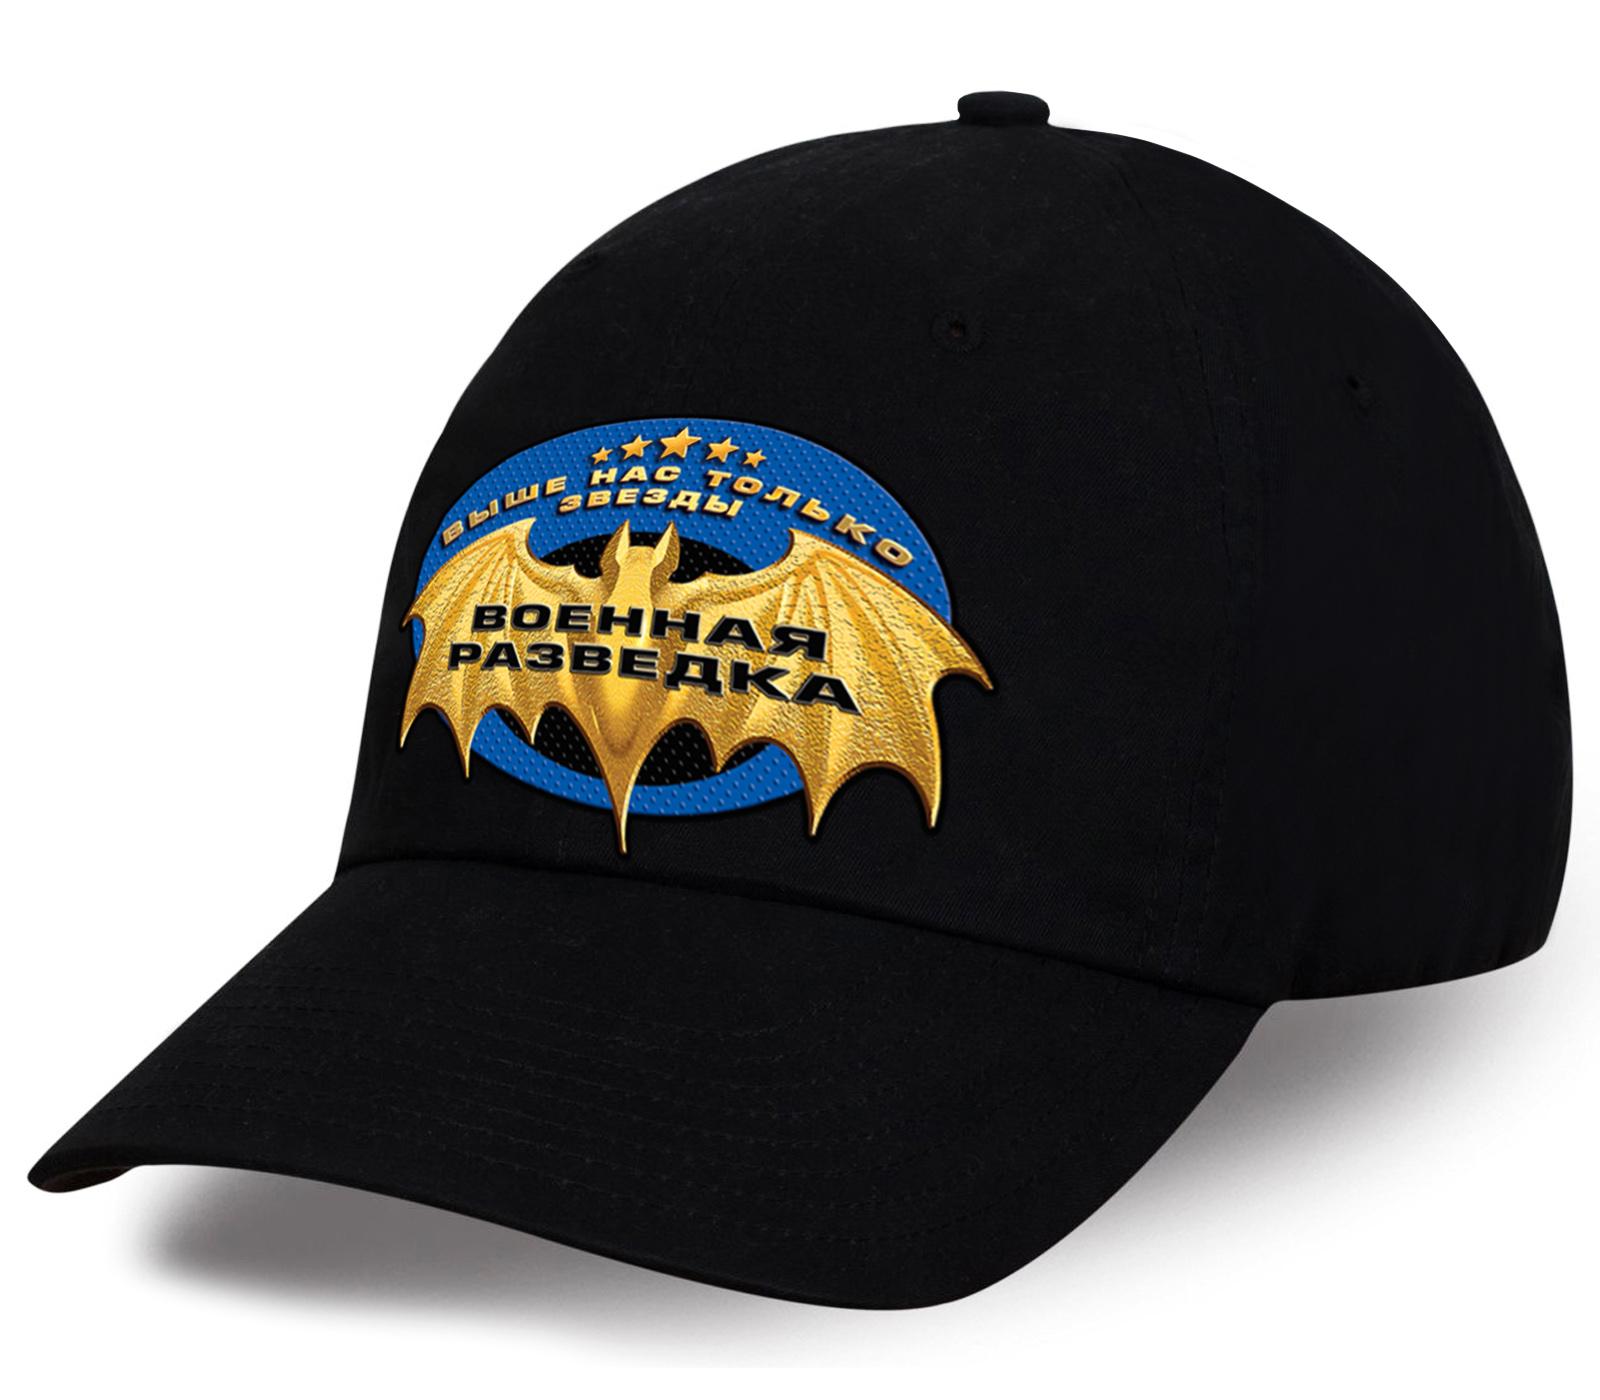 Настоящий мужской подарок – новомодная кепка с дизайнерским принтом от Военпро «Военная разведка» по супер низкой цене. Насладитесь качеством и дизайном по выгодной цене!